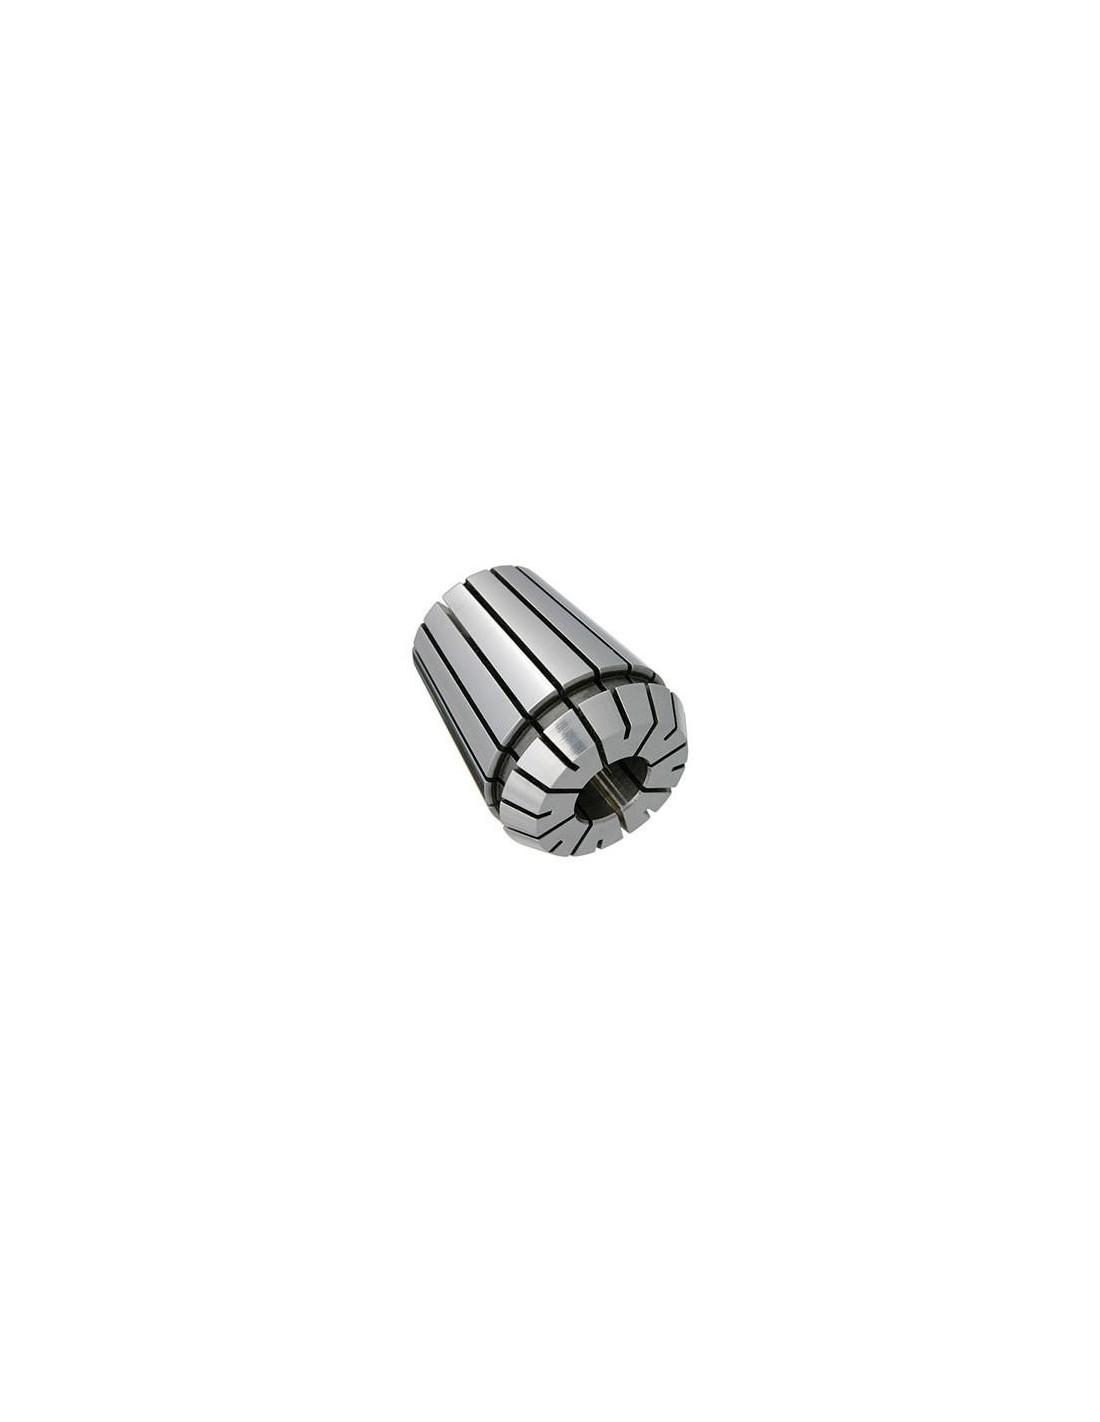 Bucsa elastica Canela tip ER 16, DIN 6499B, 3,0 mm